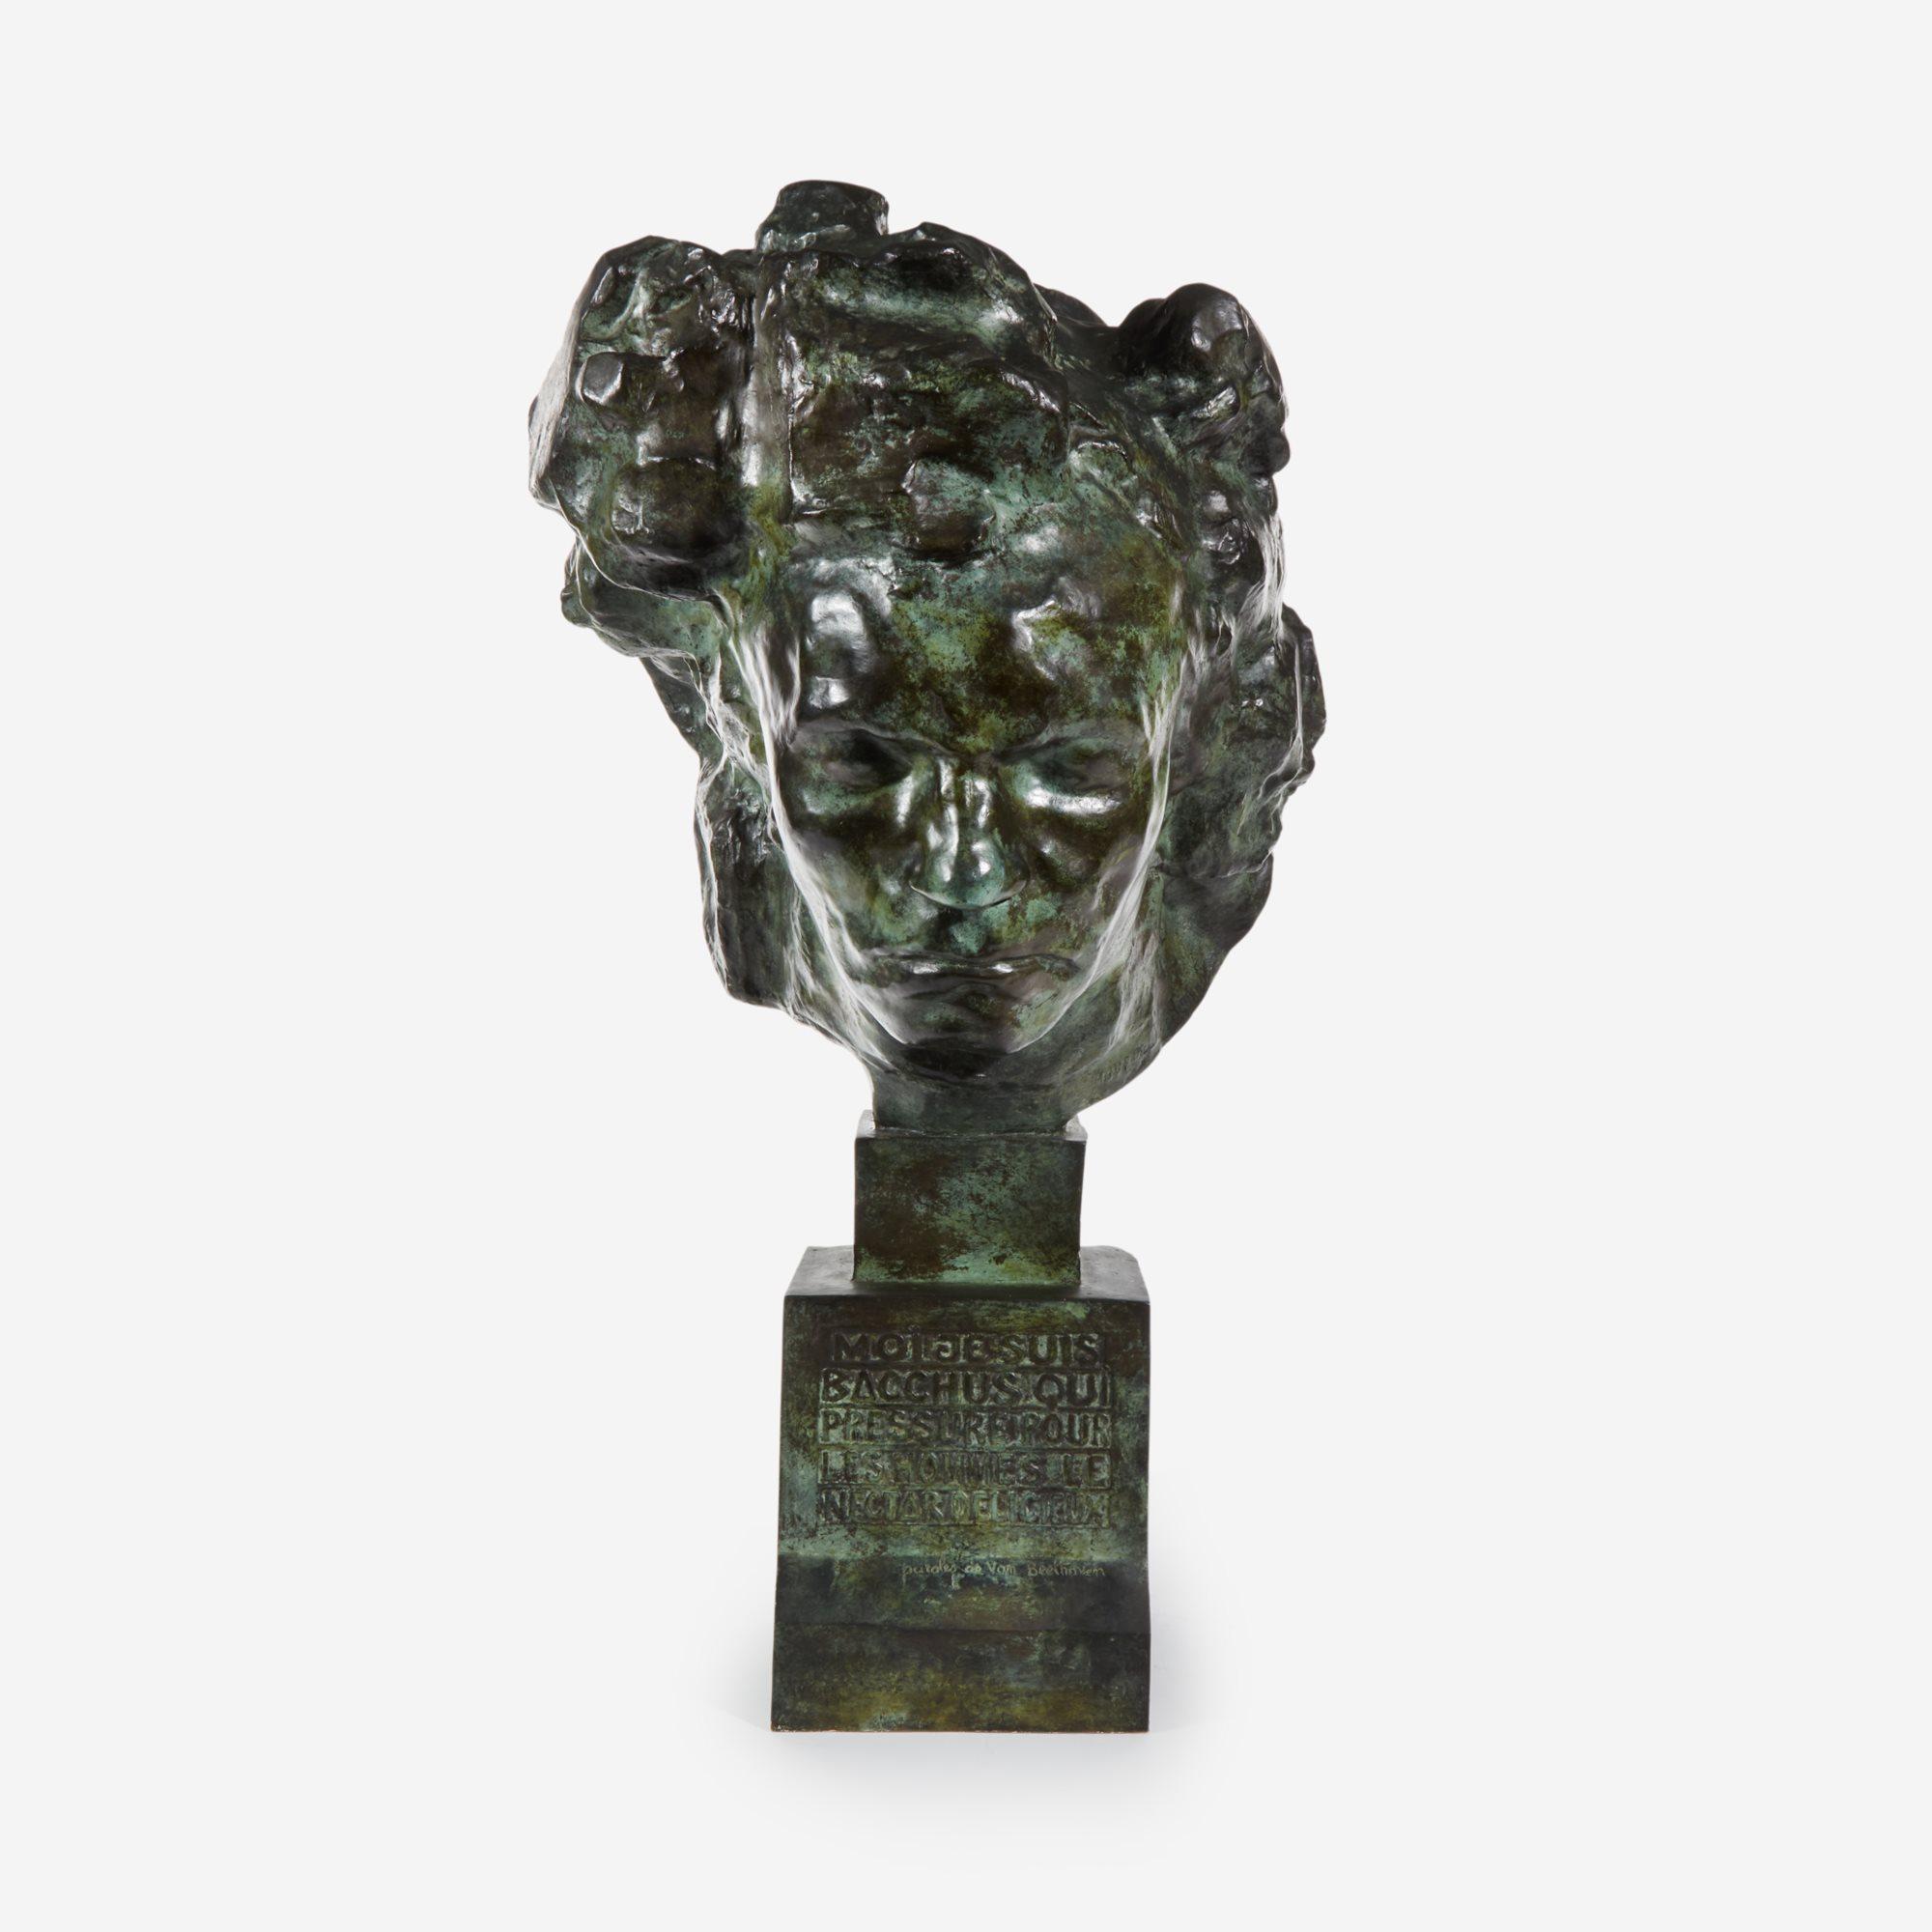 Lot 7 | Beethoven dit Métropolitain, Sold for $56,250